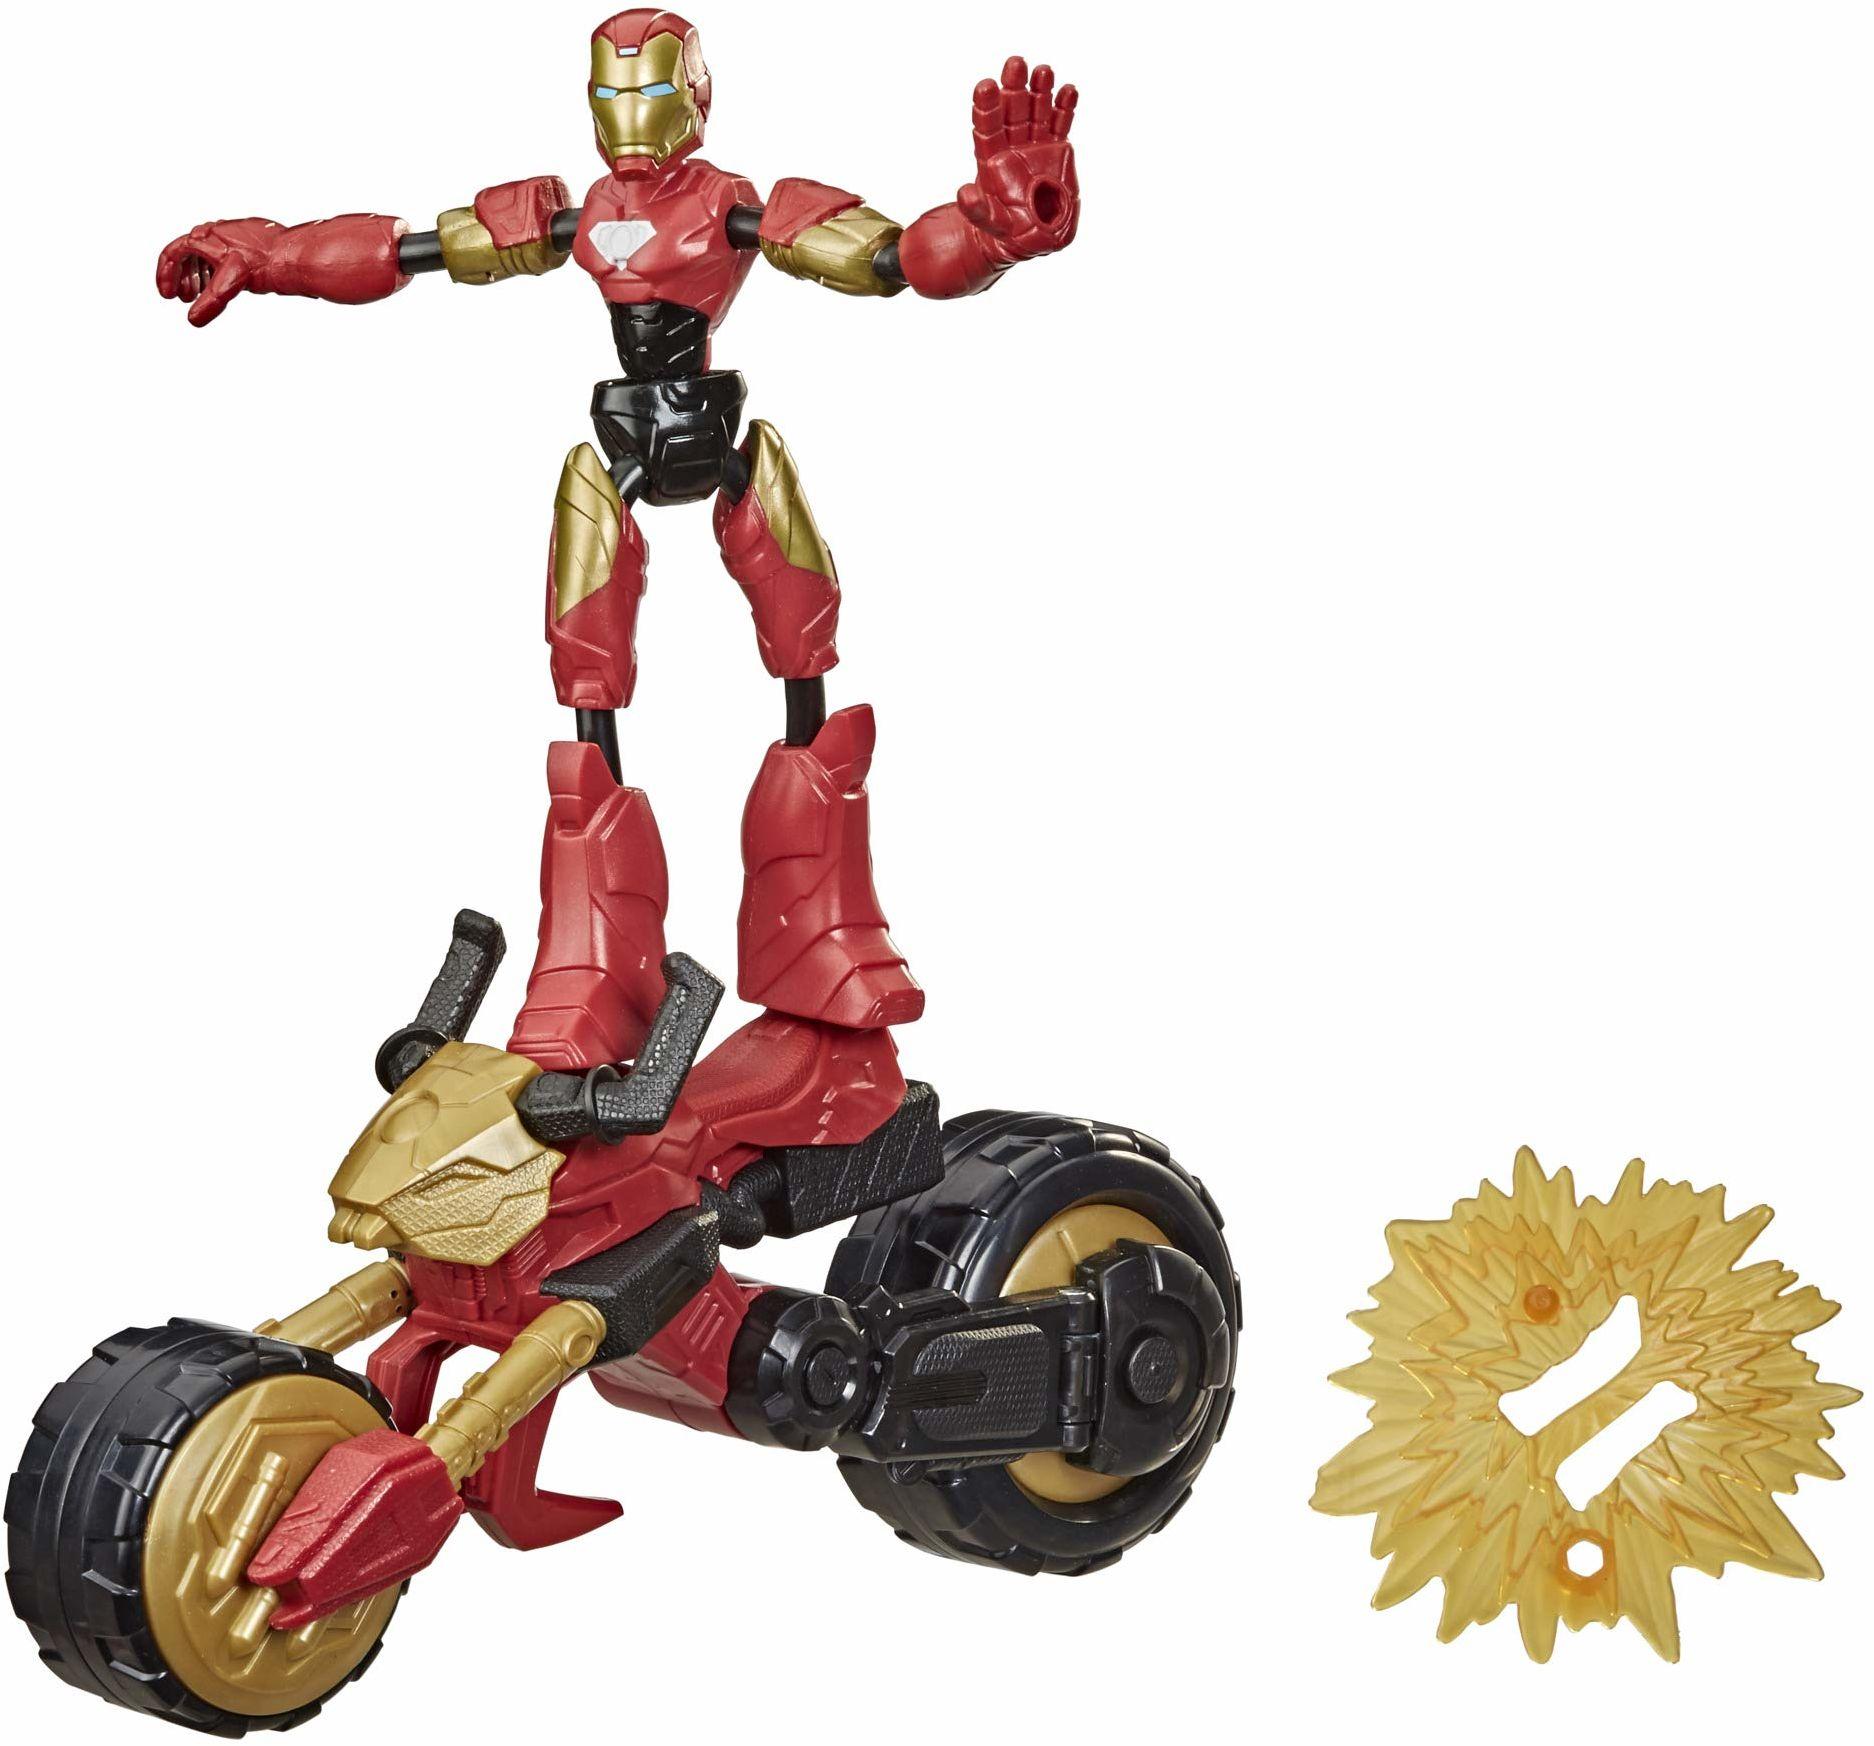 Figurka Iron Man Flex Rider z kolekcji zginanych i odkształcanych zabawek Marvela, 15-centymetrowa giętka figurka i motocykl 2 w 1, dla dzieci w wieku od 6 lat